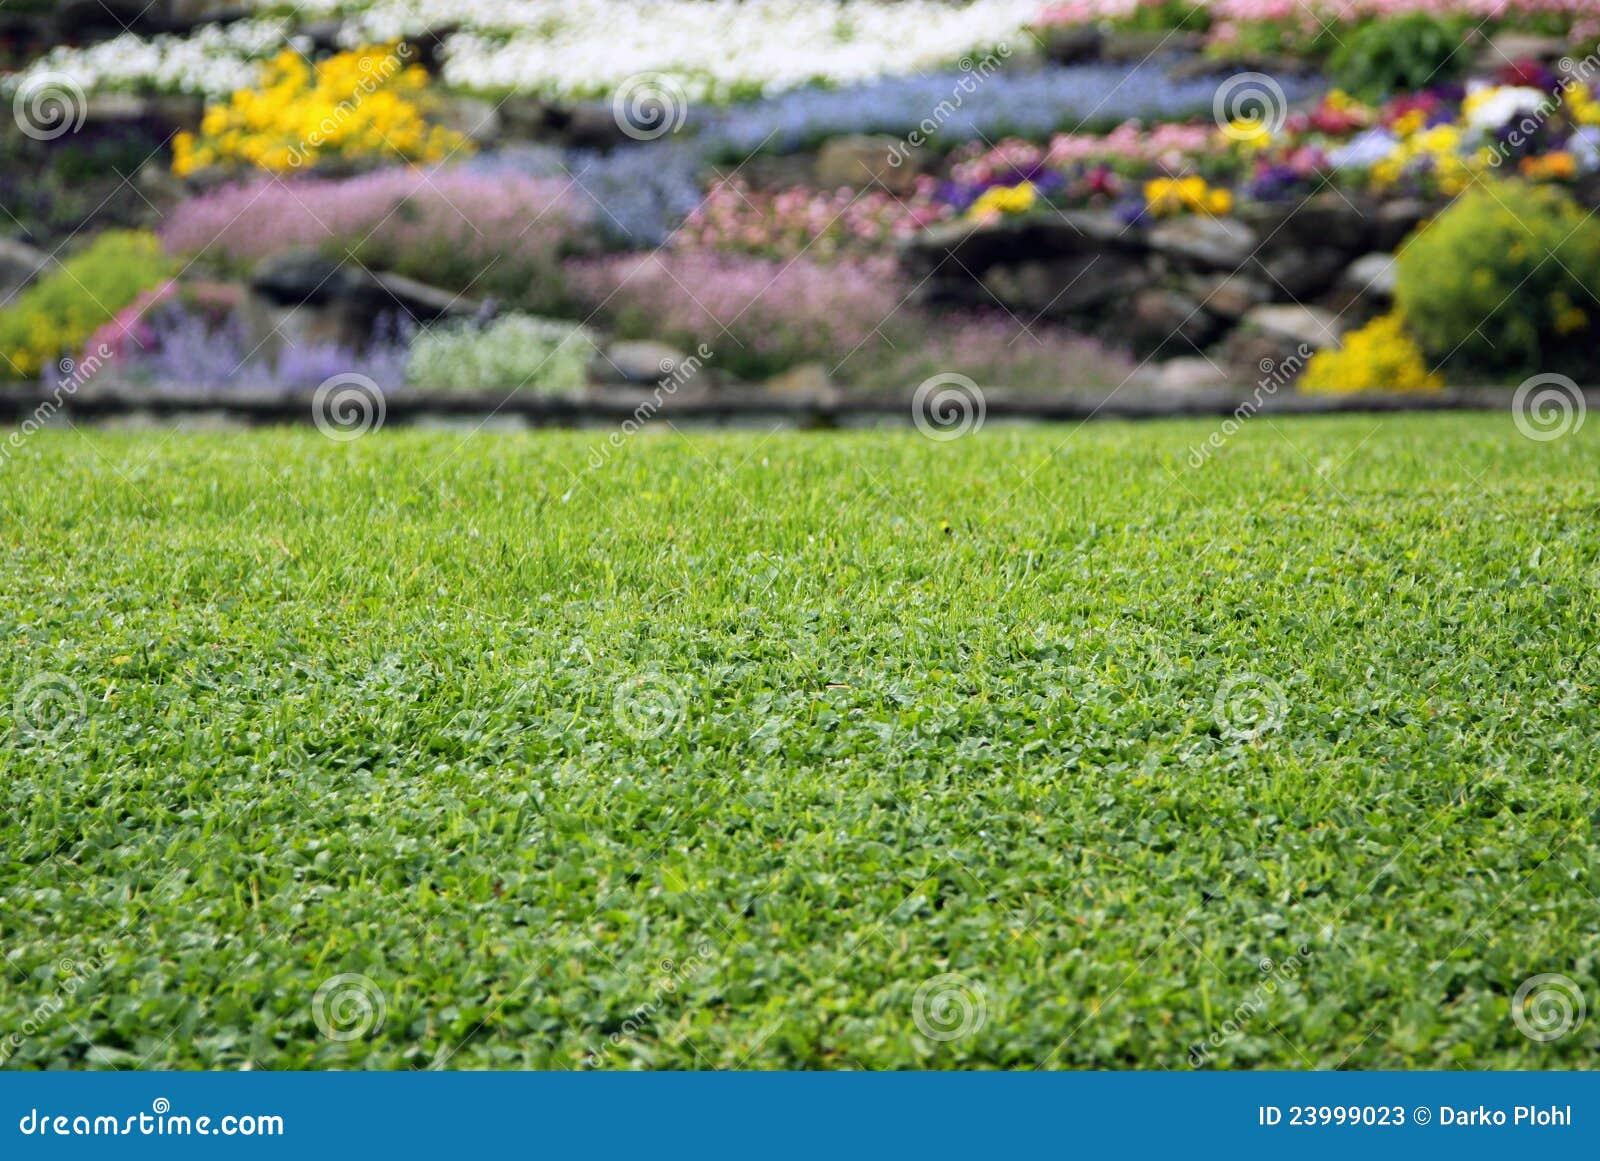 Blommar lawn